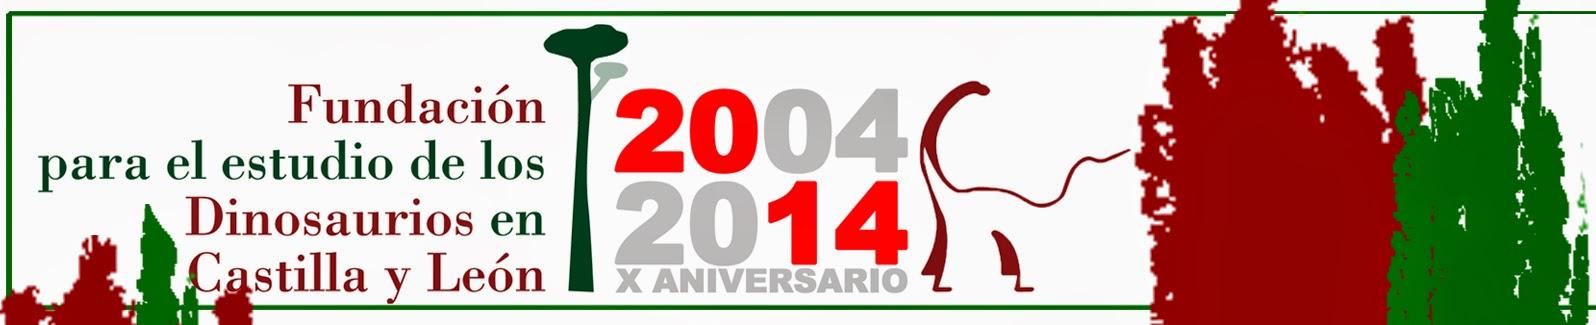 Boletines de la Fundación 2014